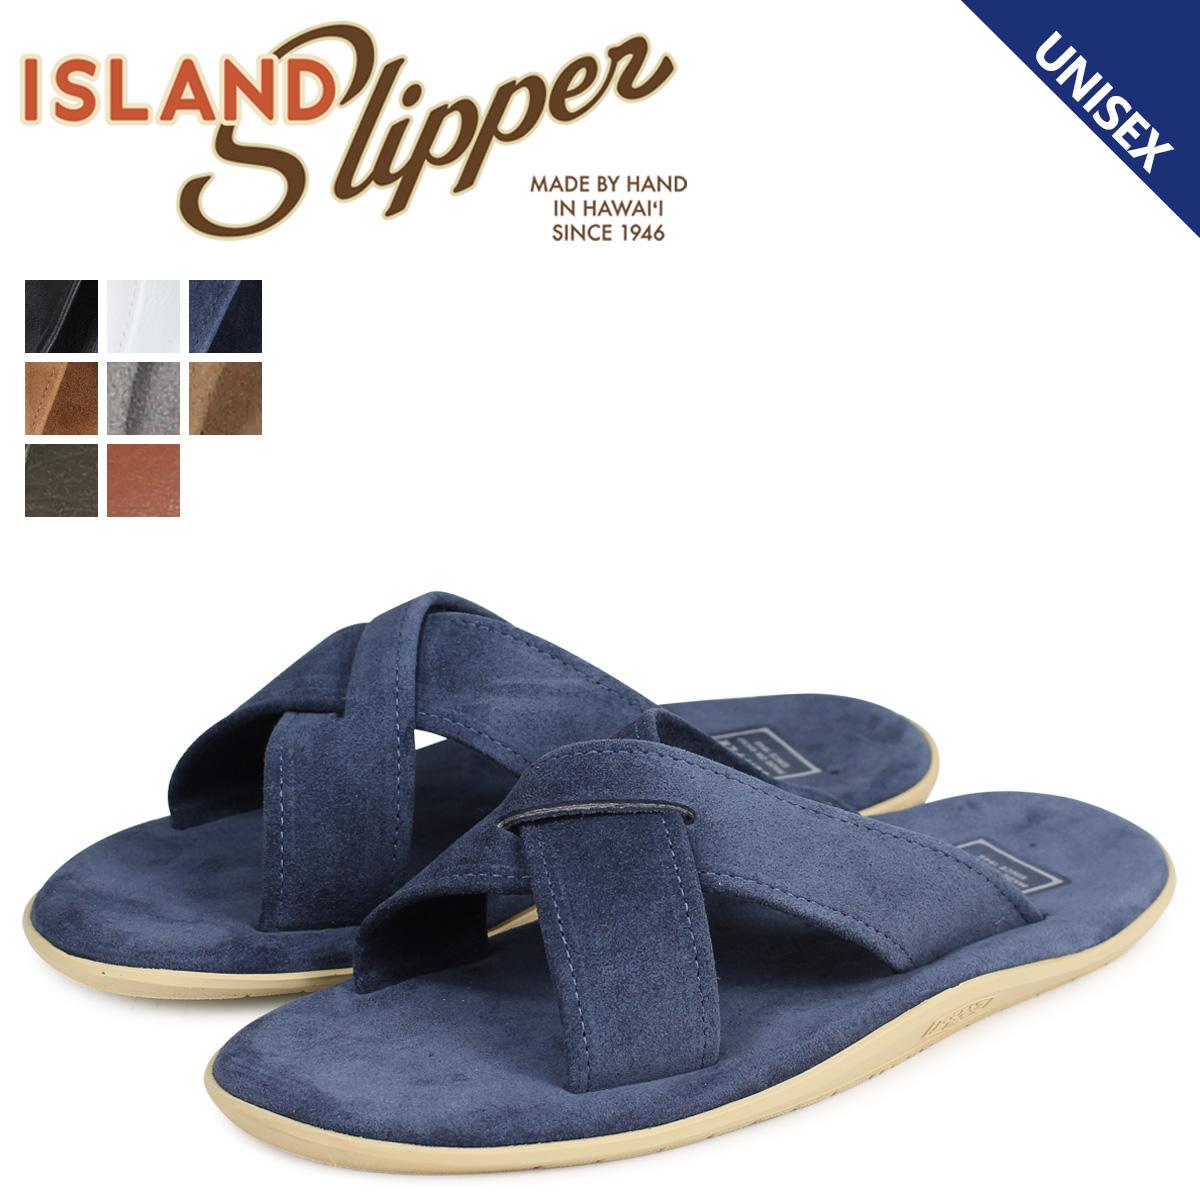 ISLAND SLIPPER アイランドスリッパ サンダル メンズ レディース レザー スエード SLIDE PB223 PT223 [3/2 追加入荷]